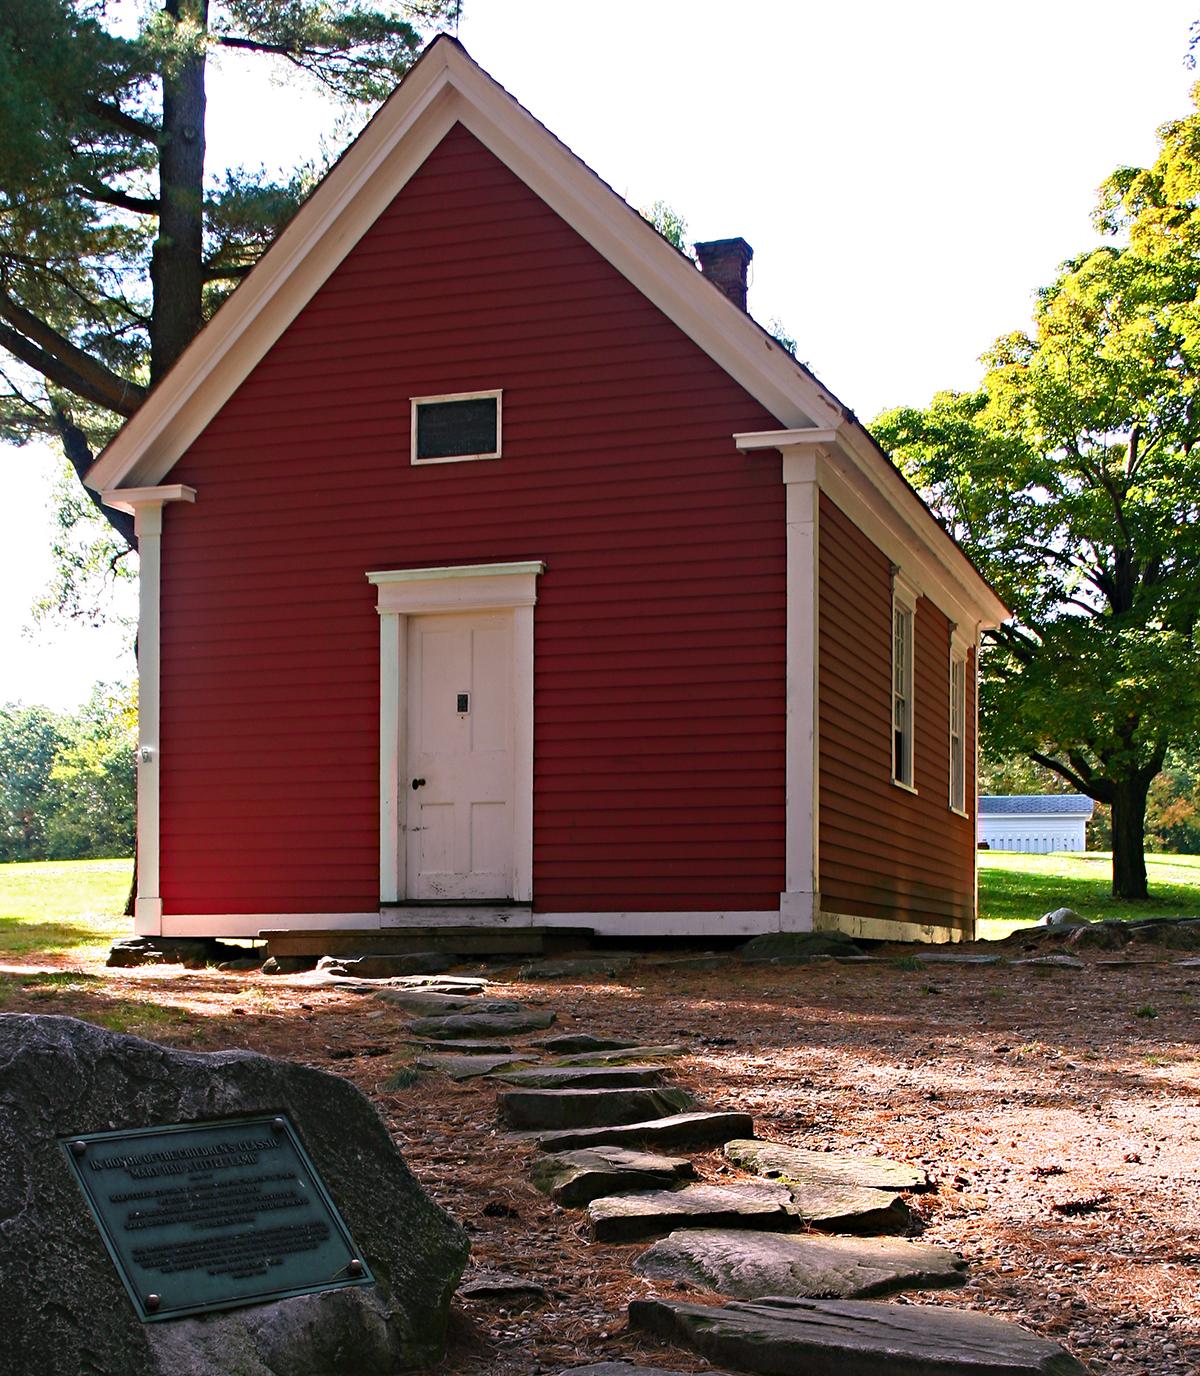 redstone schoolhouse